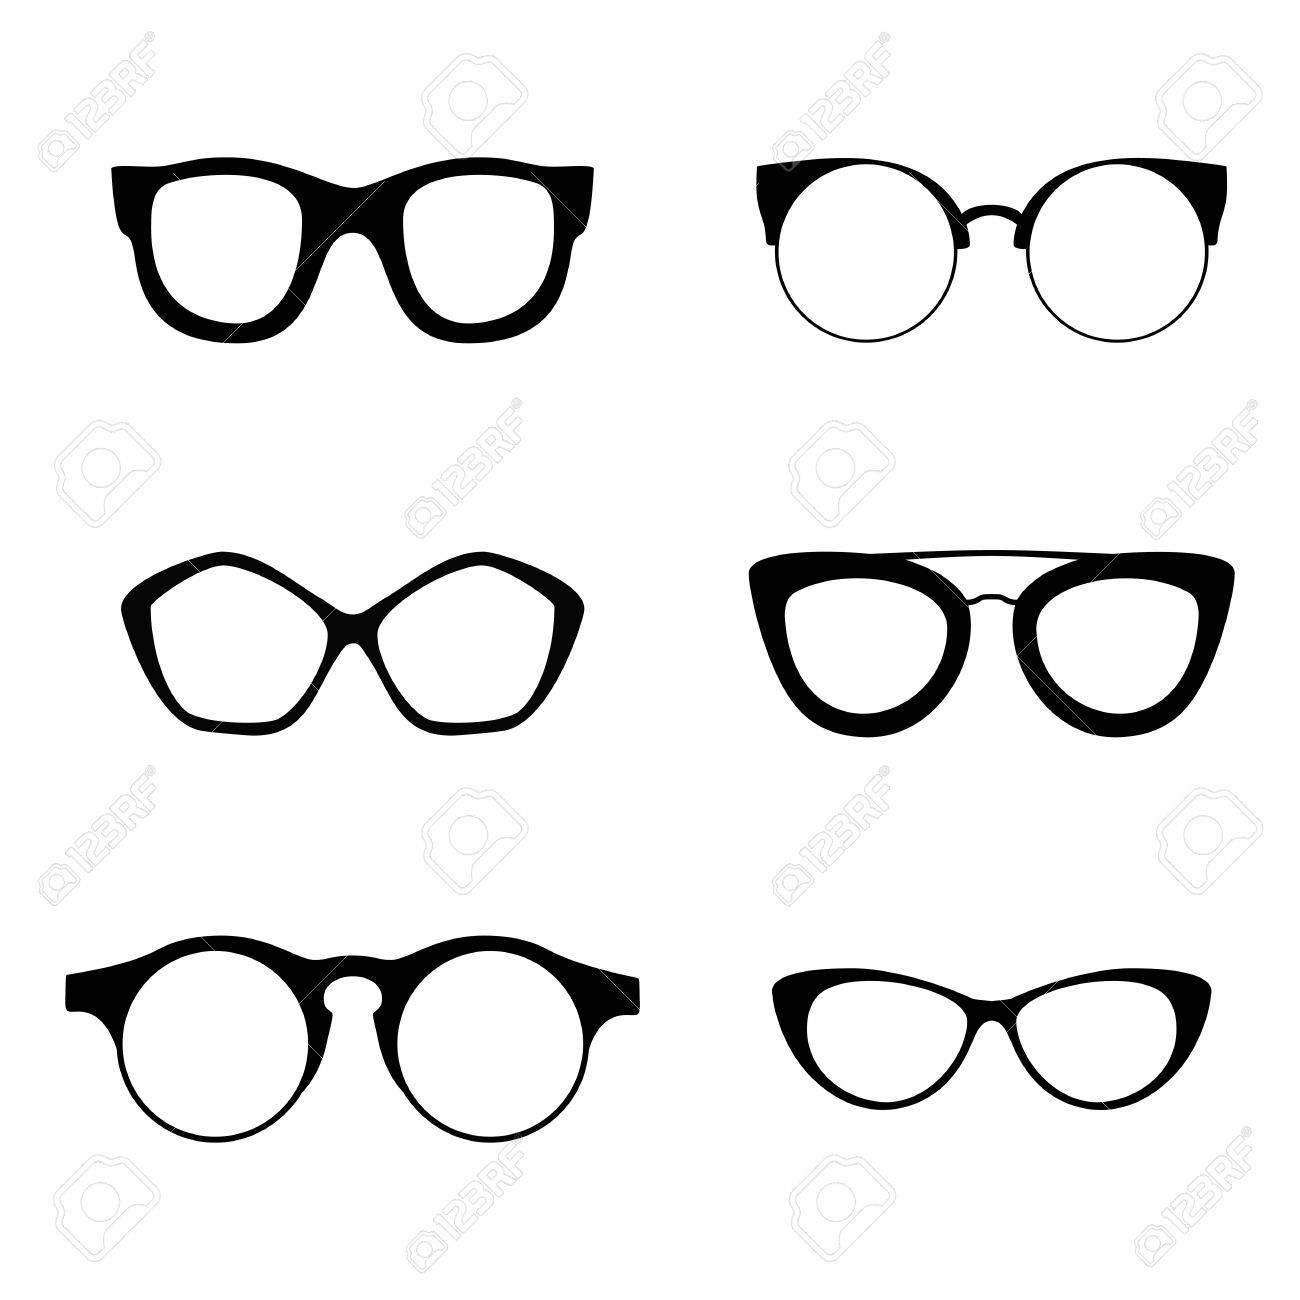 Colección de retro 6 diversos vasos. Gafas de sol negras siluetas. anteojos  establecen. 3d501ef87163